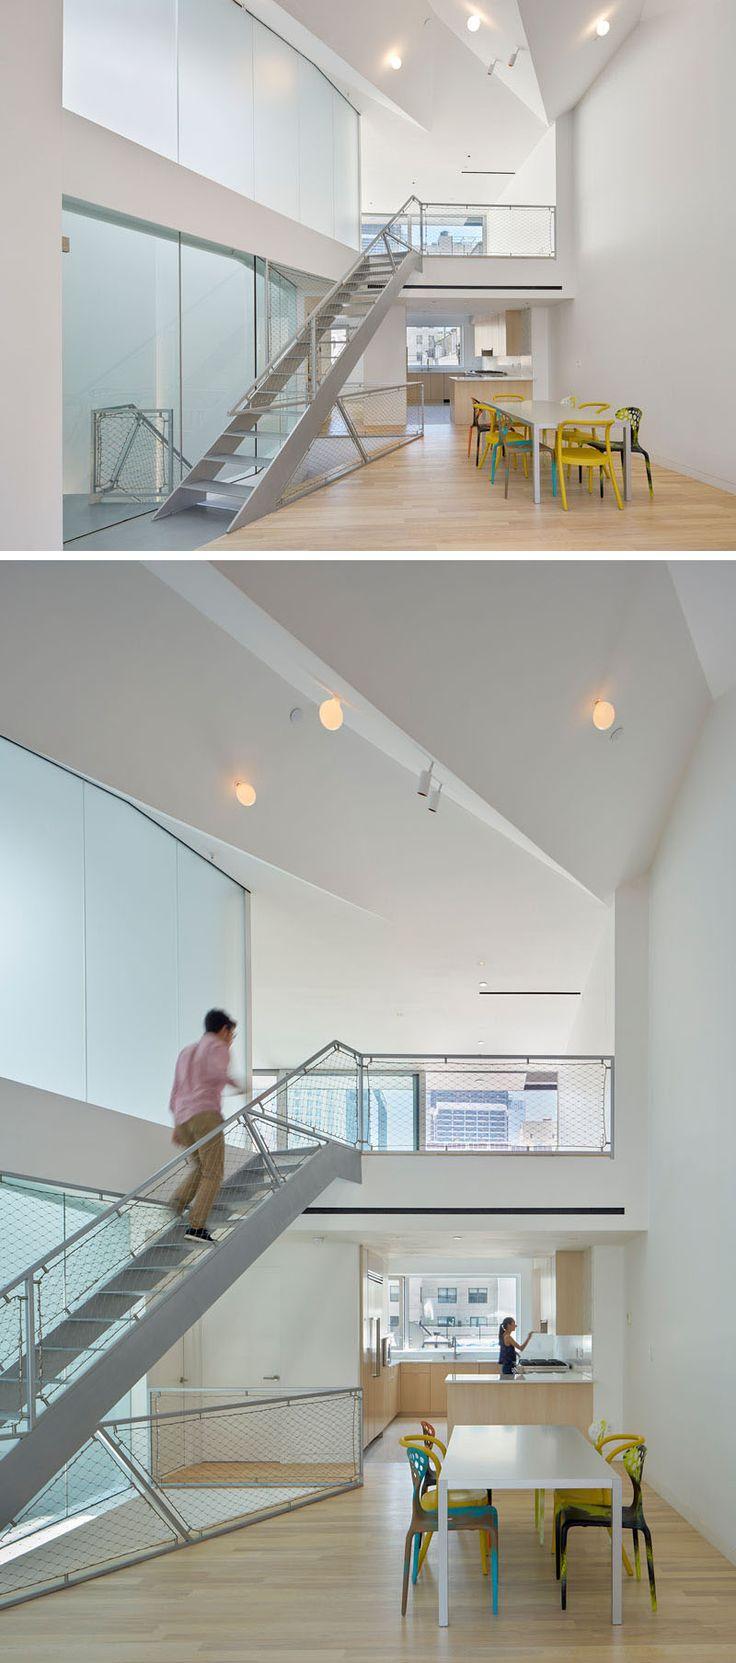 Best 25+ The penthouse ideas on Pinterest   Penthouse suite, Four ...